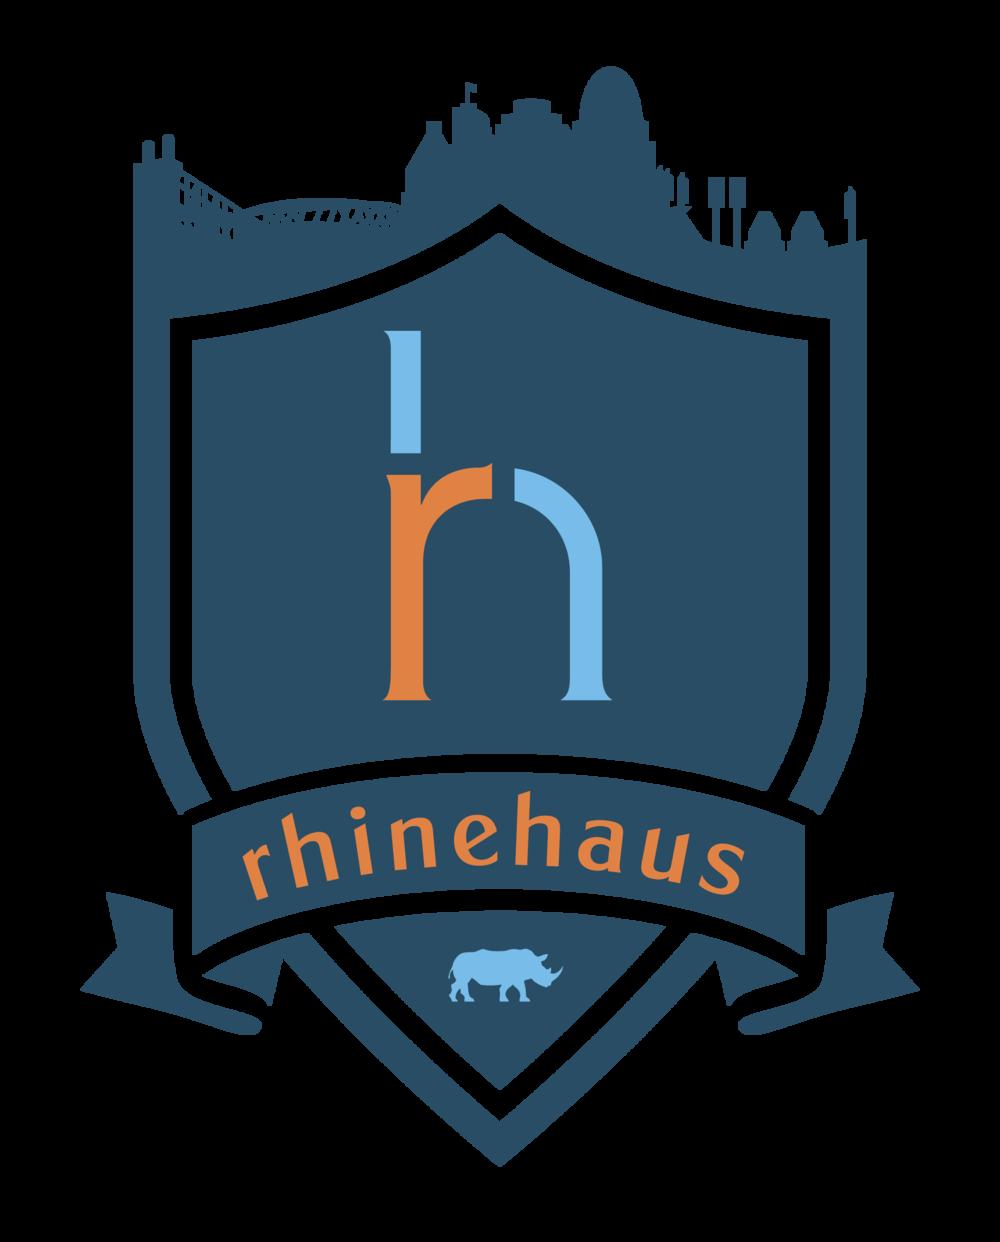 rhinehaus-Logo-Rhino_12-12_WEB.png